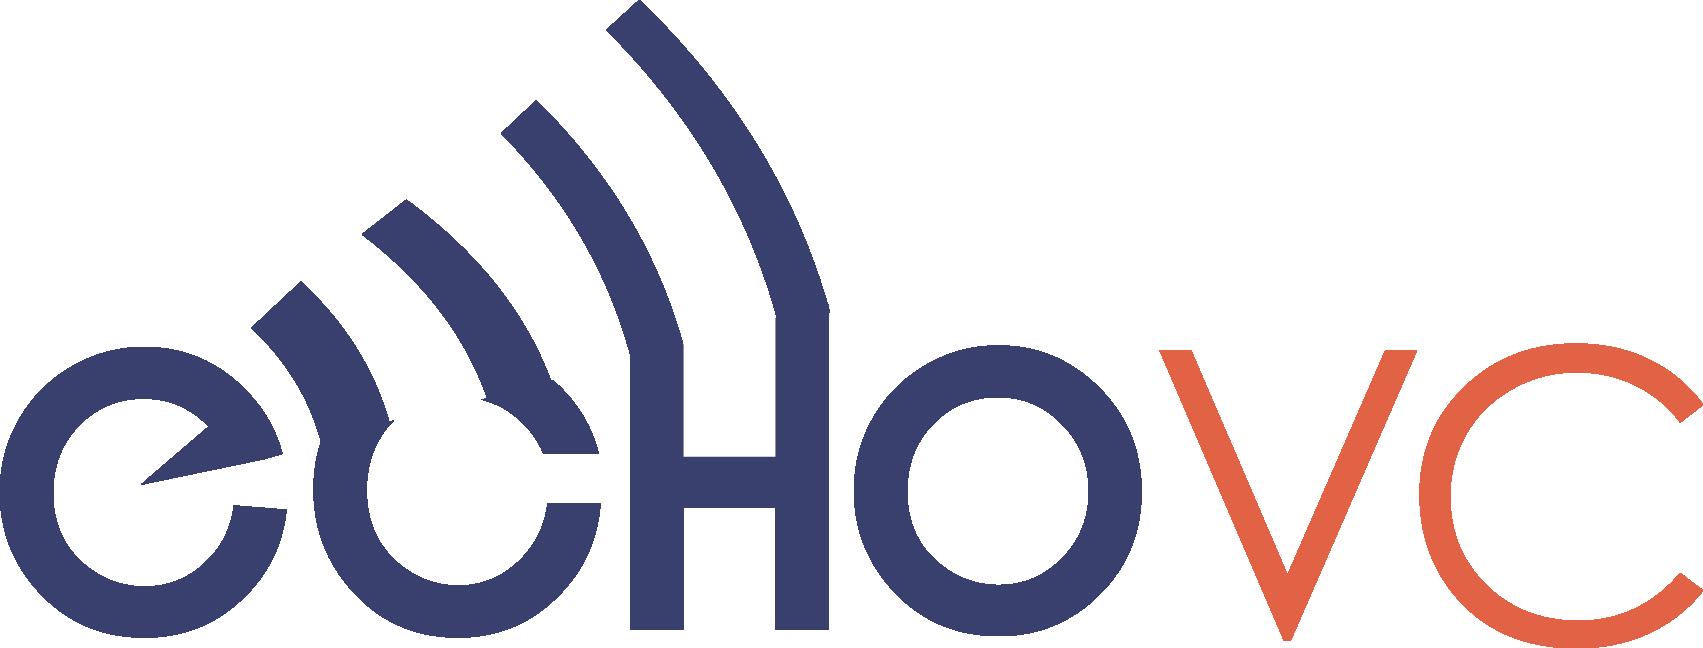 EchoVC Partners profile image